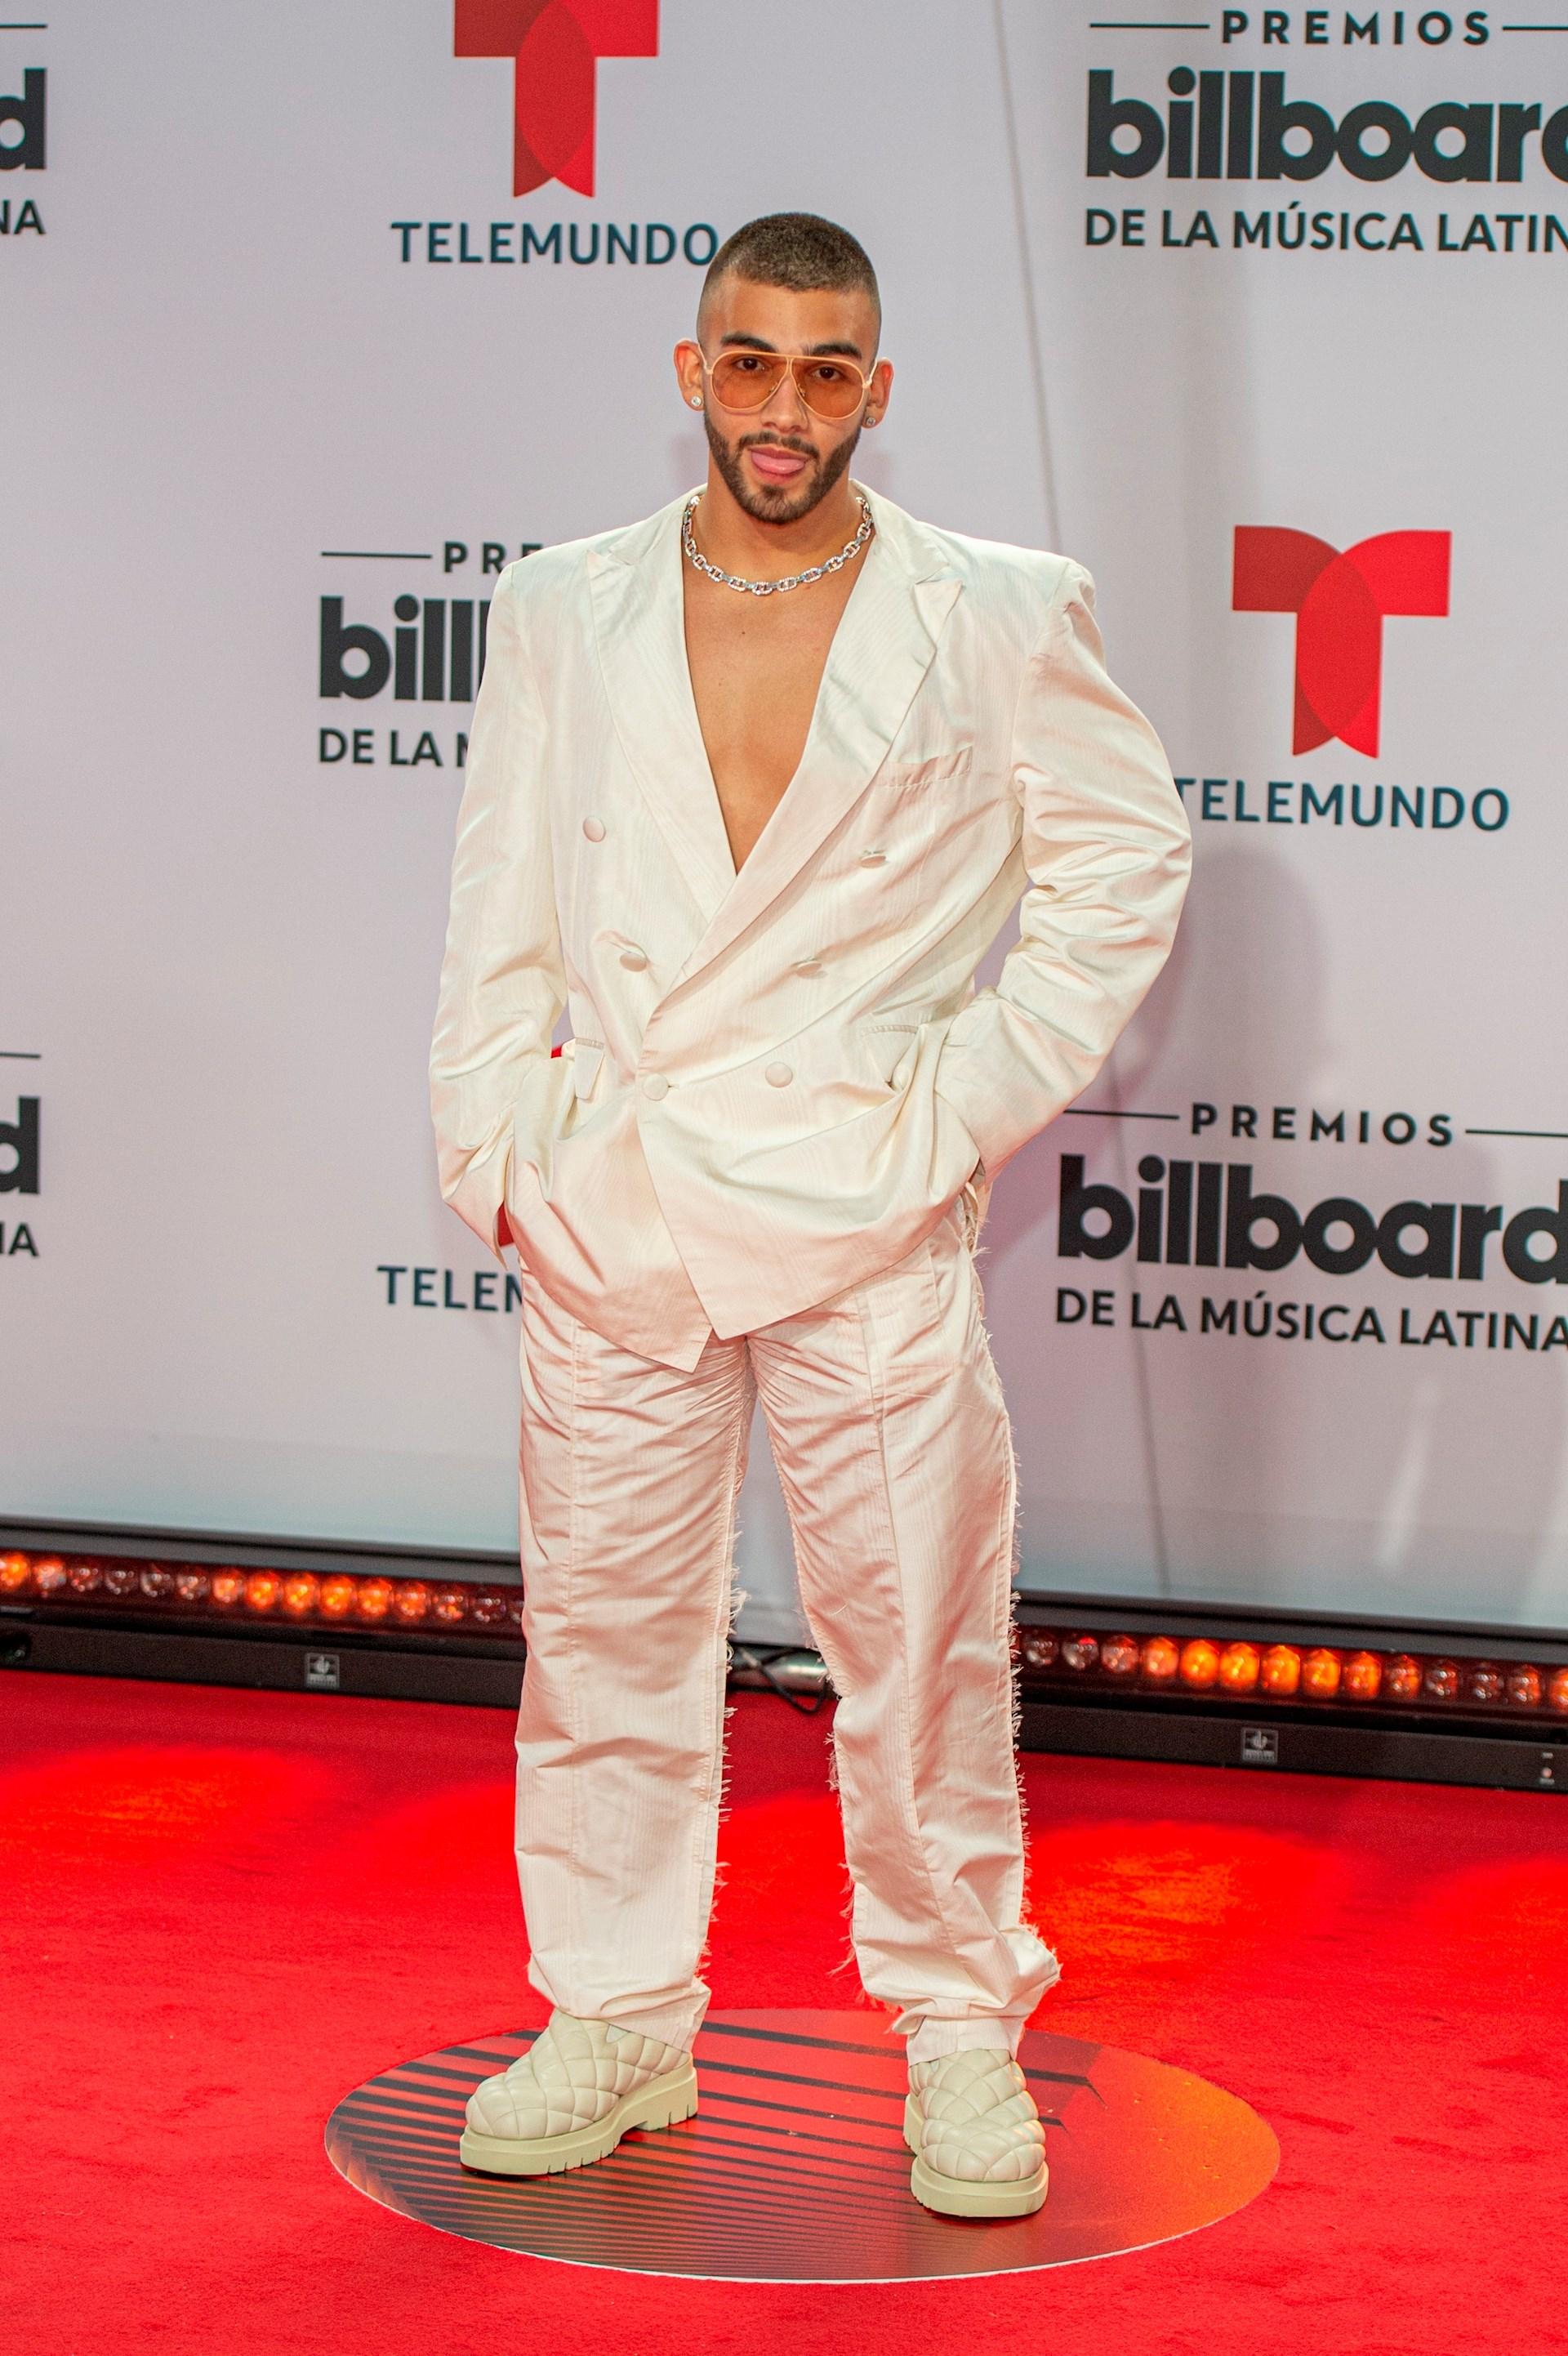 El cantante colombiano Manuel Turizo (Foto: EFE/Giorgio Viera)